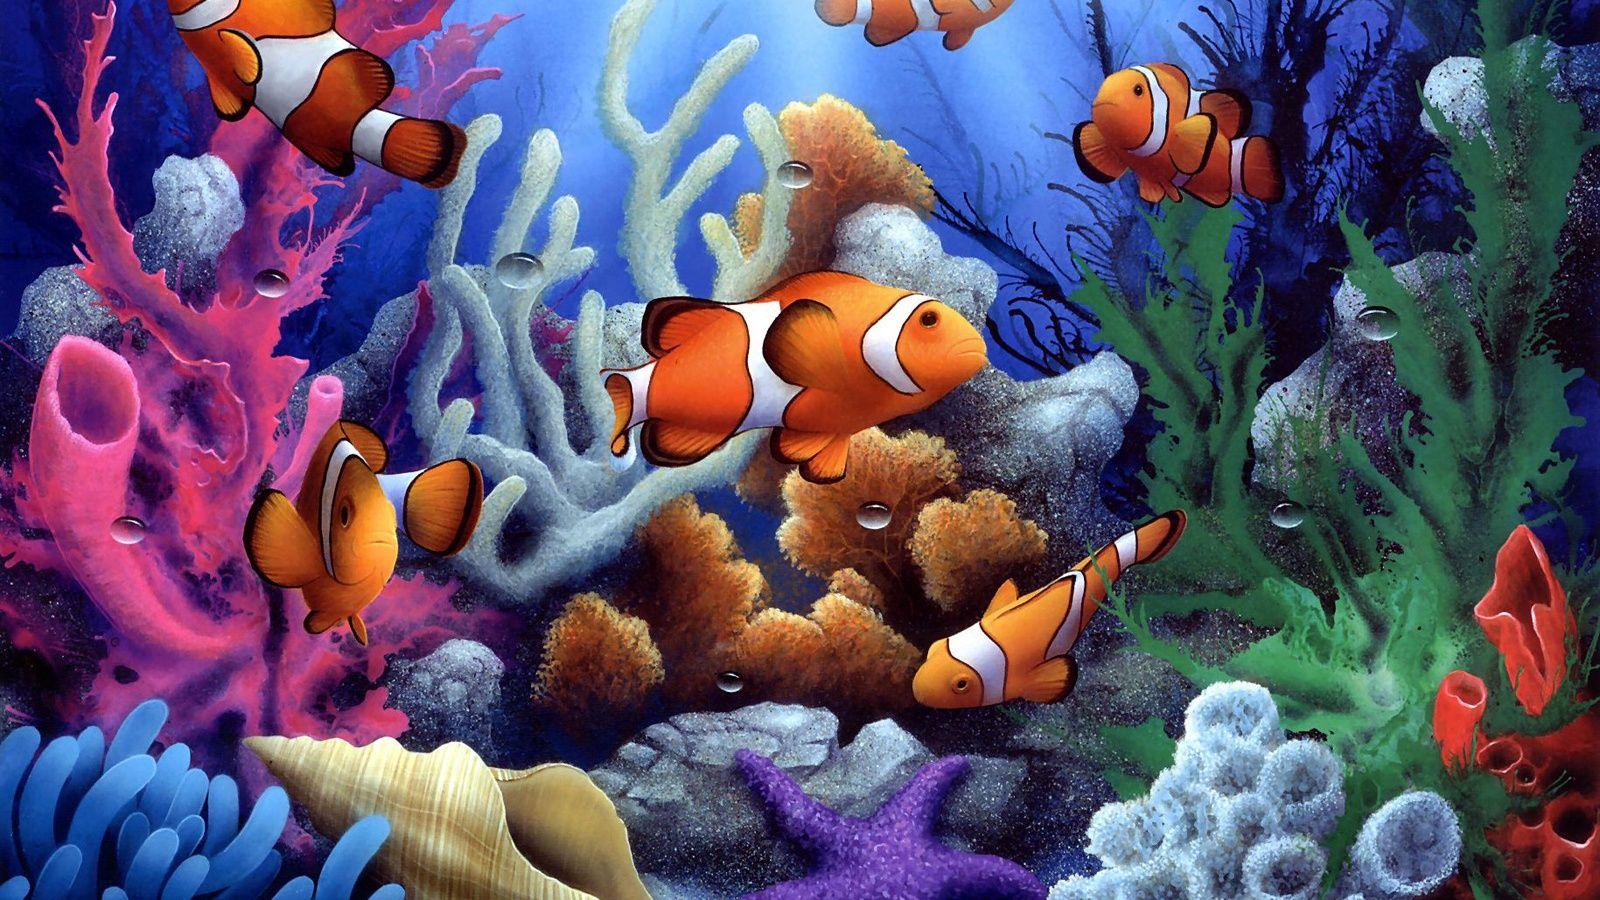 Dibujo De Color Para Imprimir Animales Peces Numéro 380319 Pinturas De Peces Fondo De Pantalla De Peces Fondo Marino Dibujo